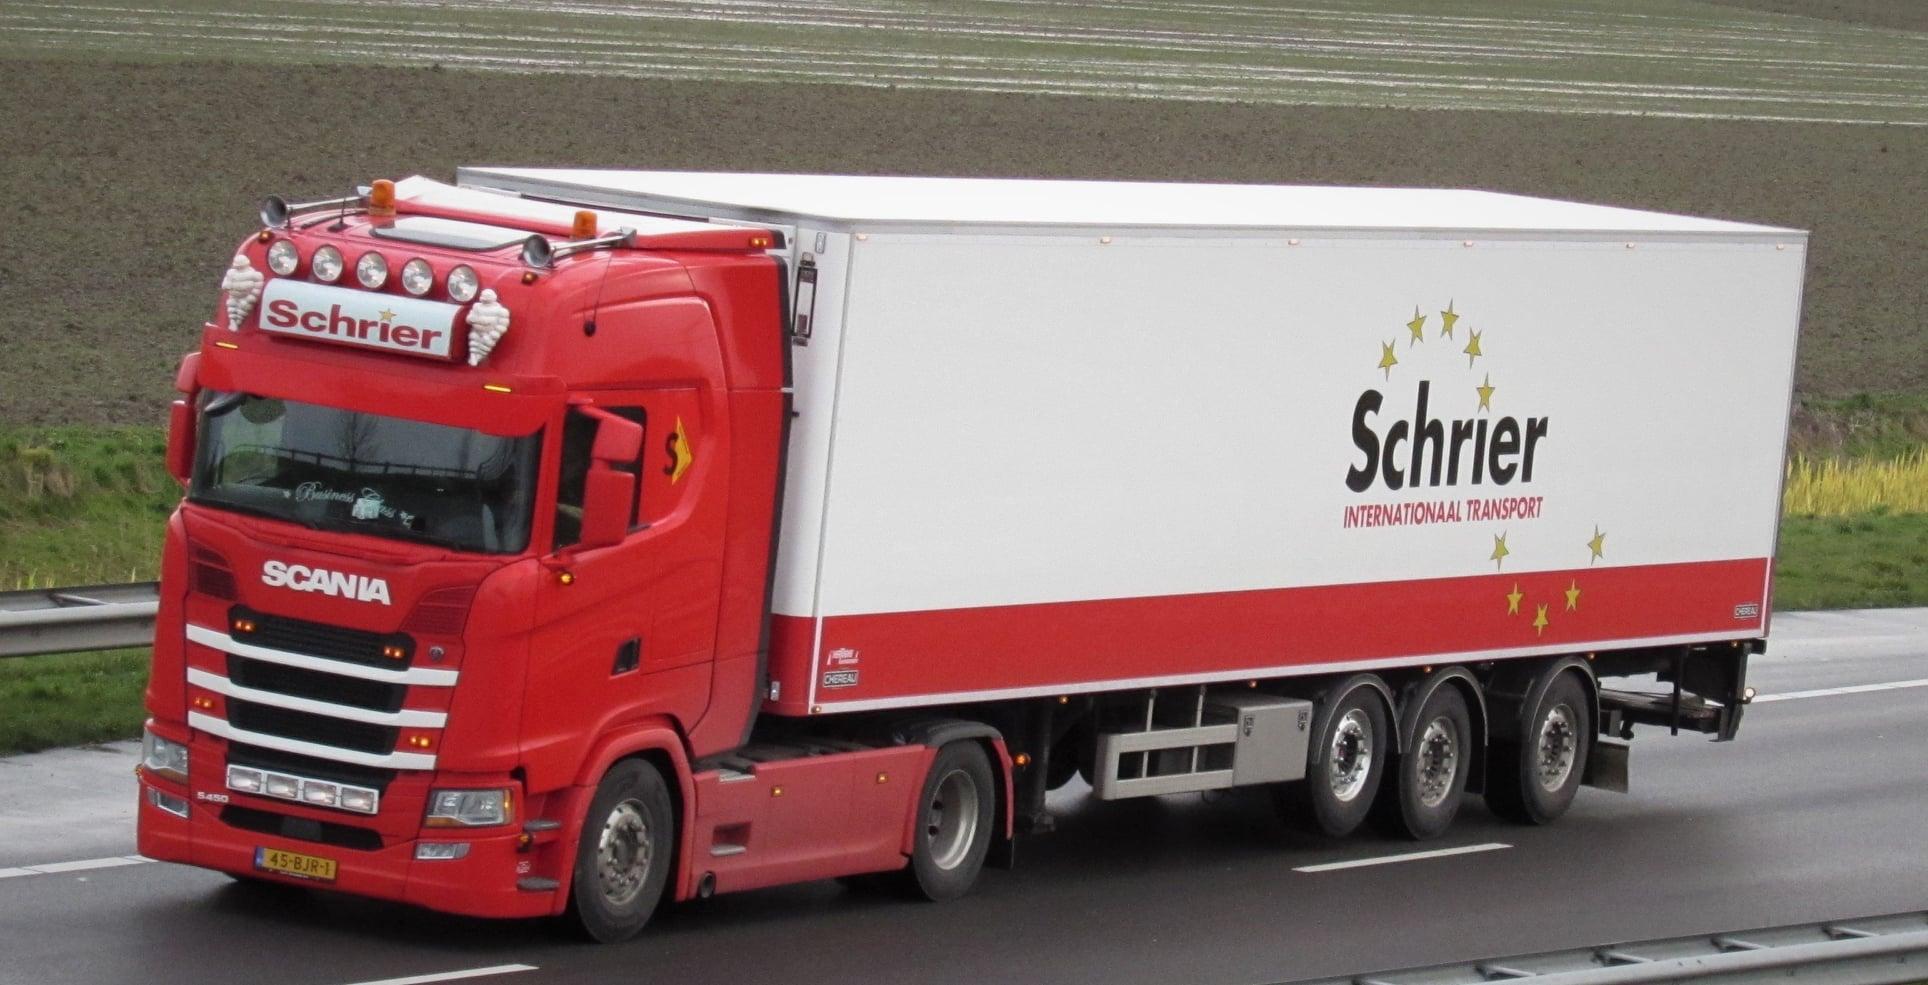 Scania-N62-20-1-2021-Harrys-foto